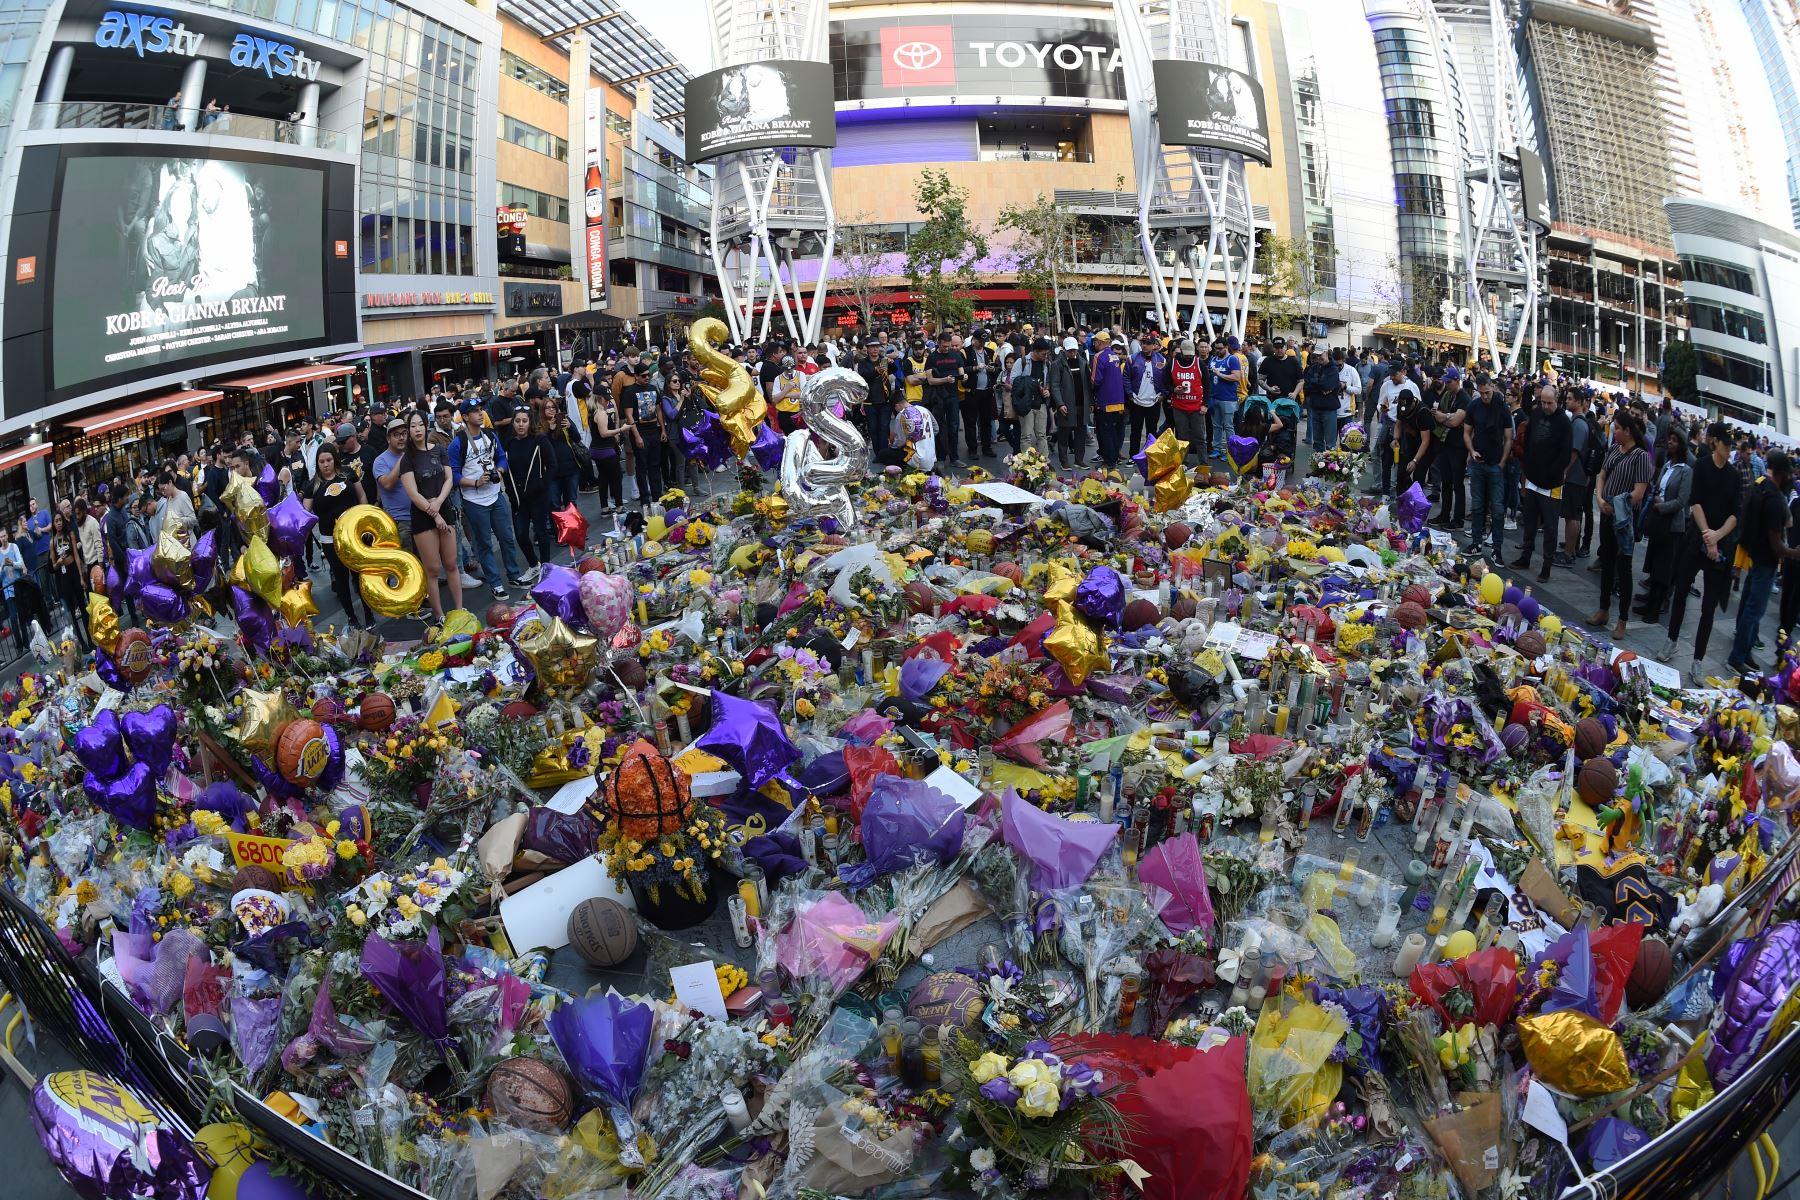 Los fanáticos honran a Kobe Bryant antes del juego entre los Lakers de Los Ángeles y los Trail Blazers de Portland, en el STAPLES Center en los Ángeles, California. Foto: AFP